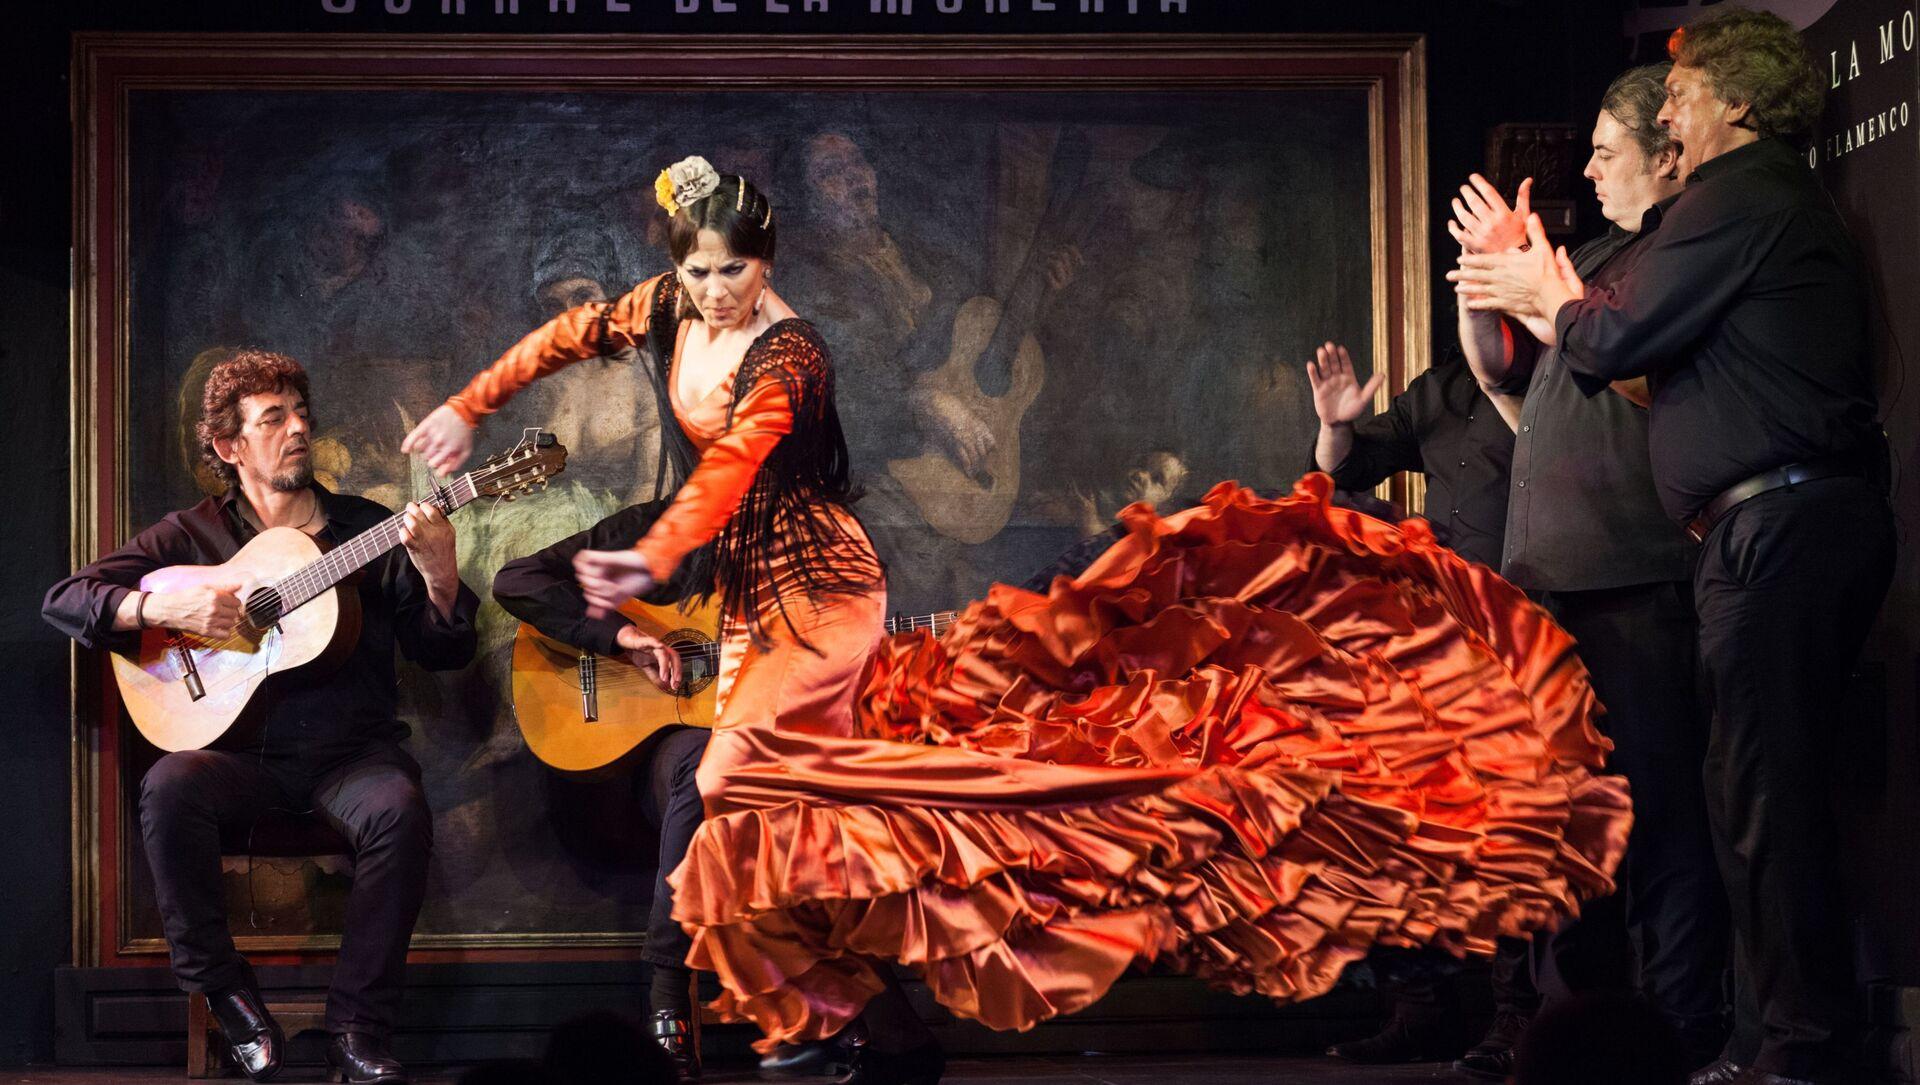 El Duende Se Apaga La Agonía Del Flamenco En España Si Cierran Los Tablaos 13 06 2020 Sputnik Mundo